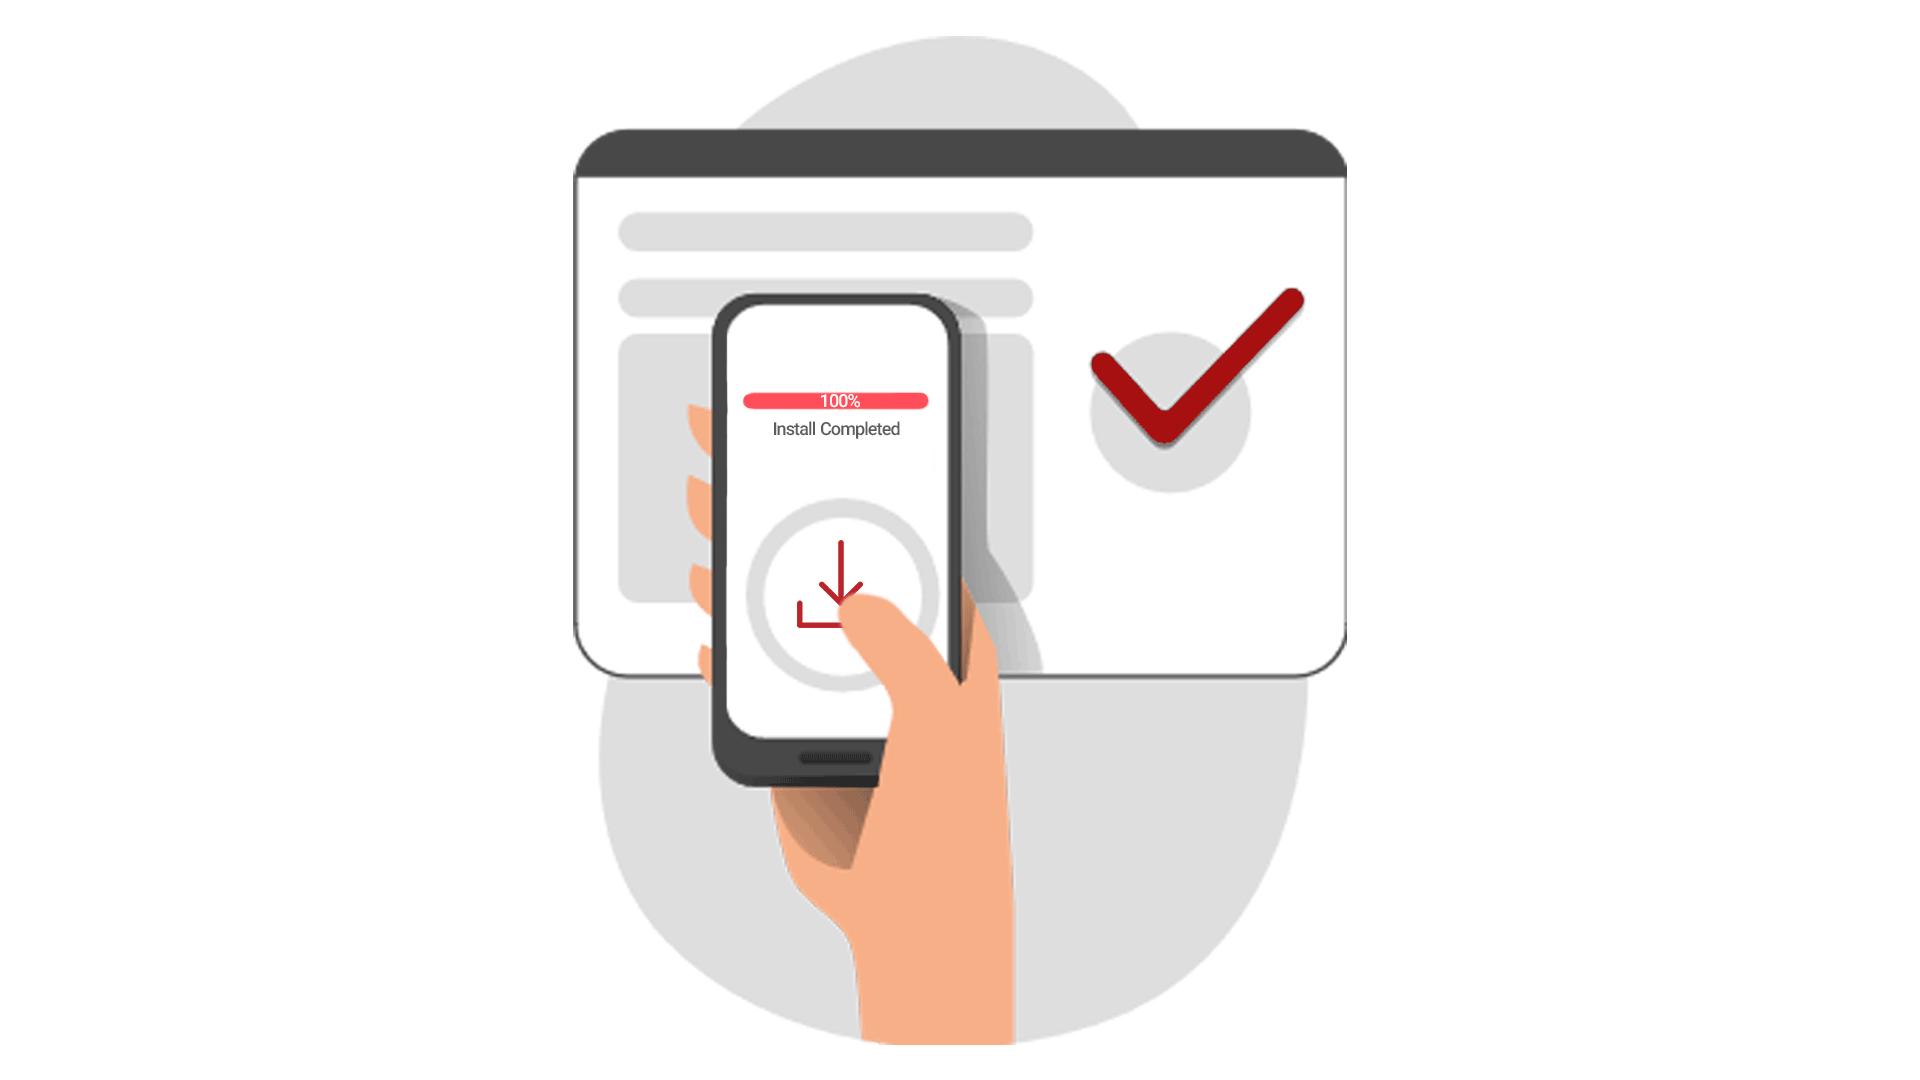 تبلیغات CPI | افزایش نصب اپلیکیشن